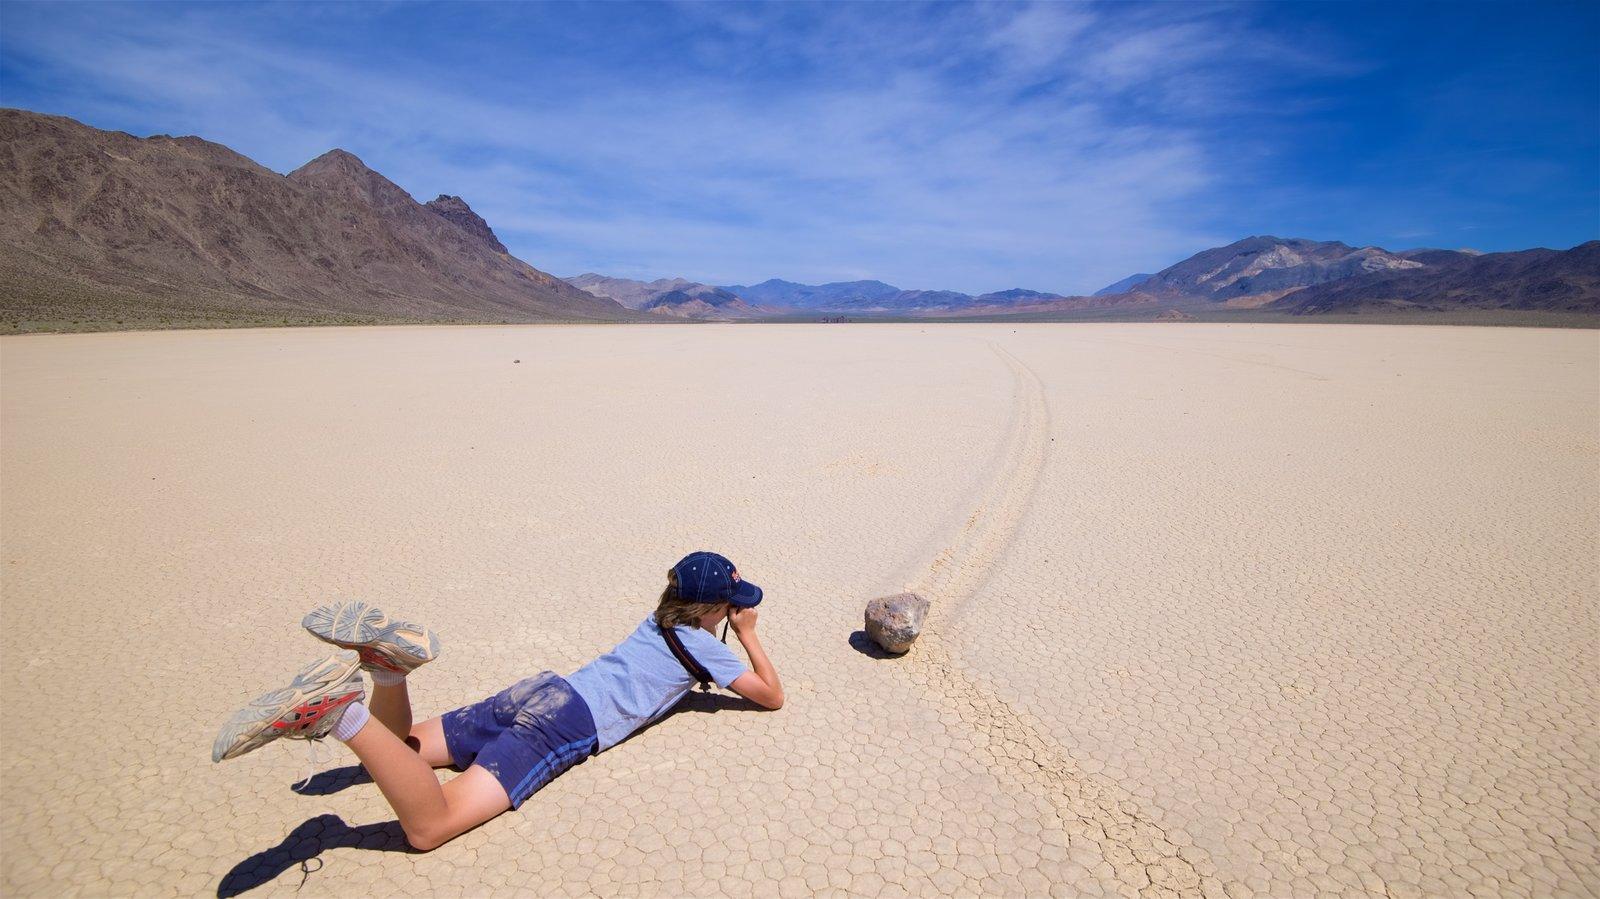 Vale da Morte caracterizando cenas tranquilas e paisagens do deserto assim como uma mulher sozinha